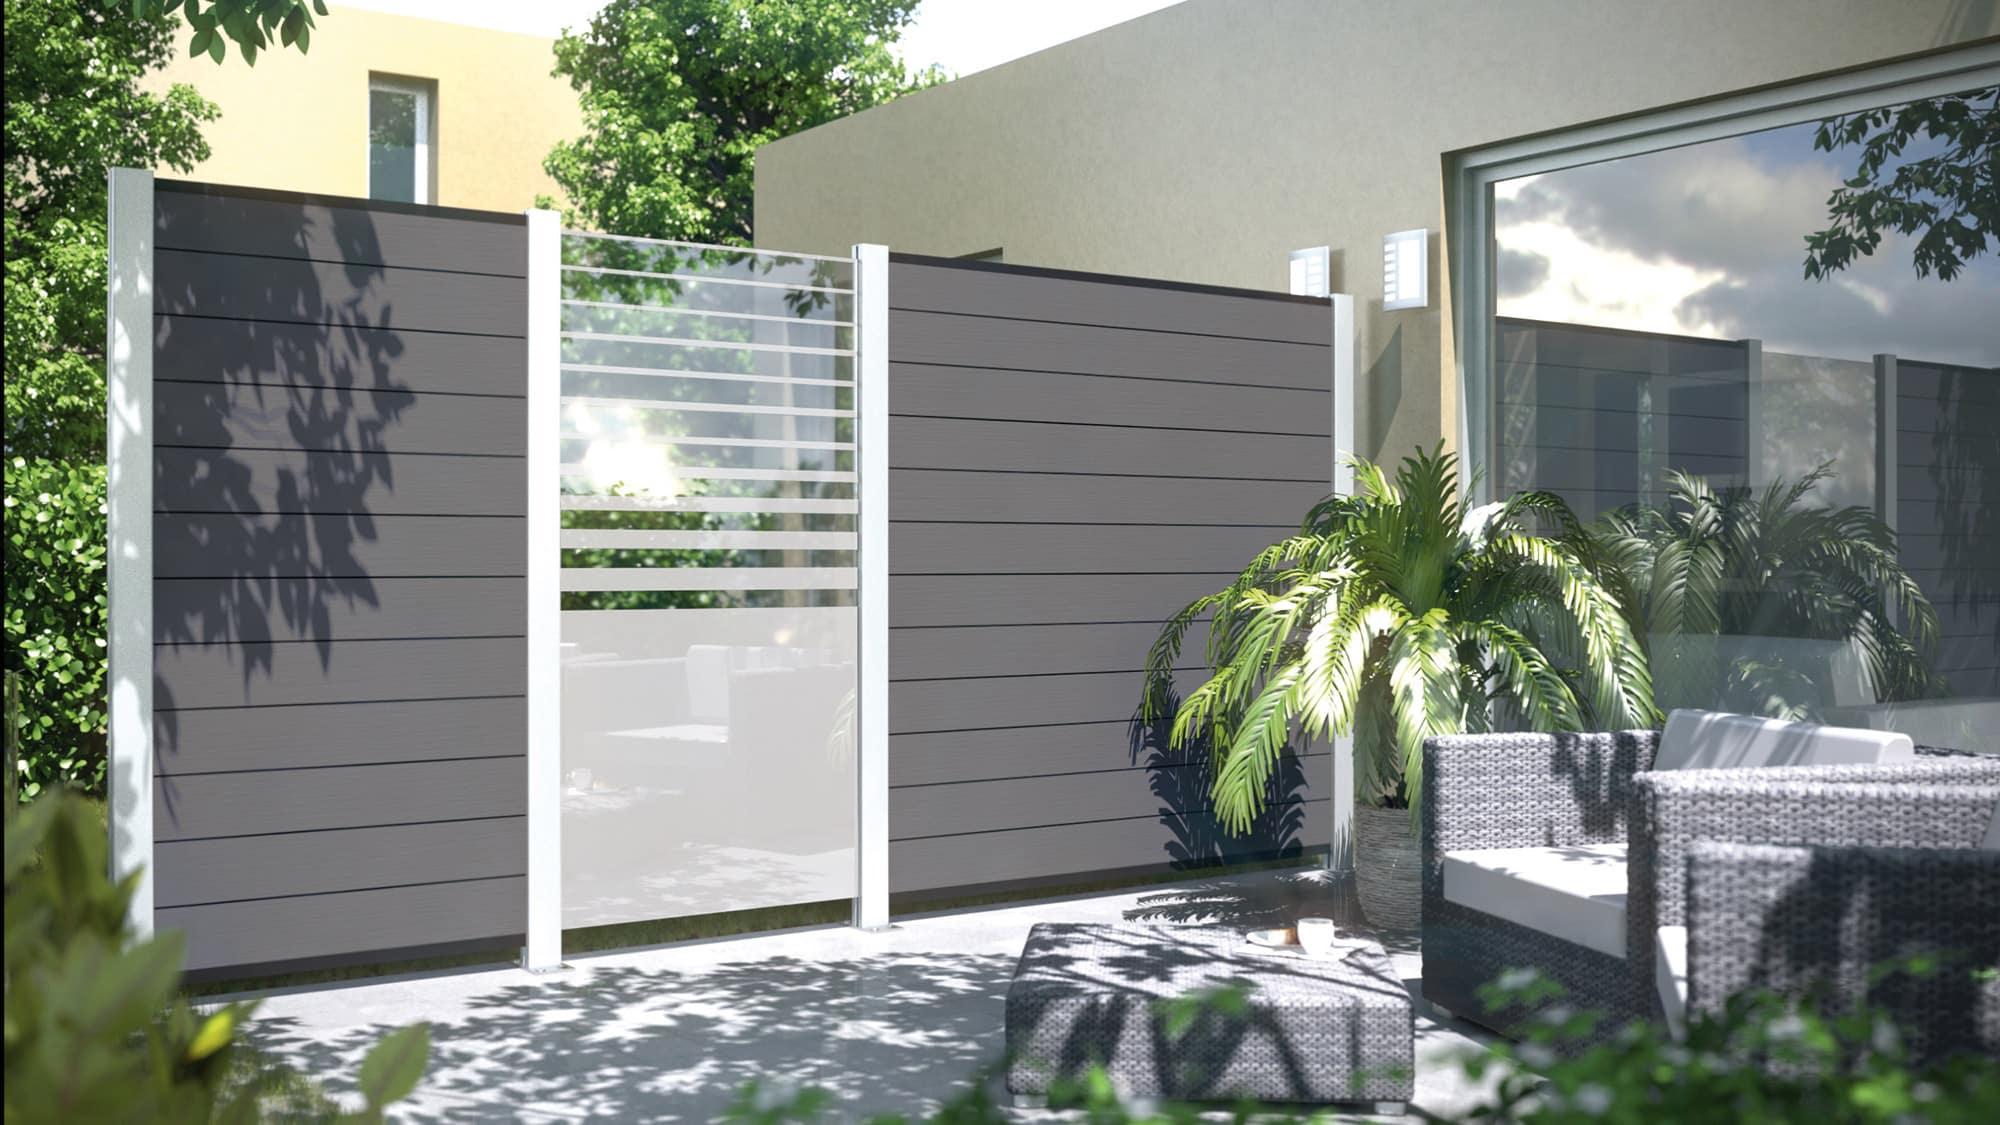 3 System Glas Typ Beta Und Sichtschutz Wpc Farbe Anthrazit Holz